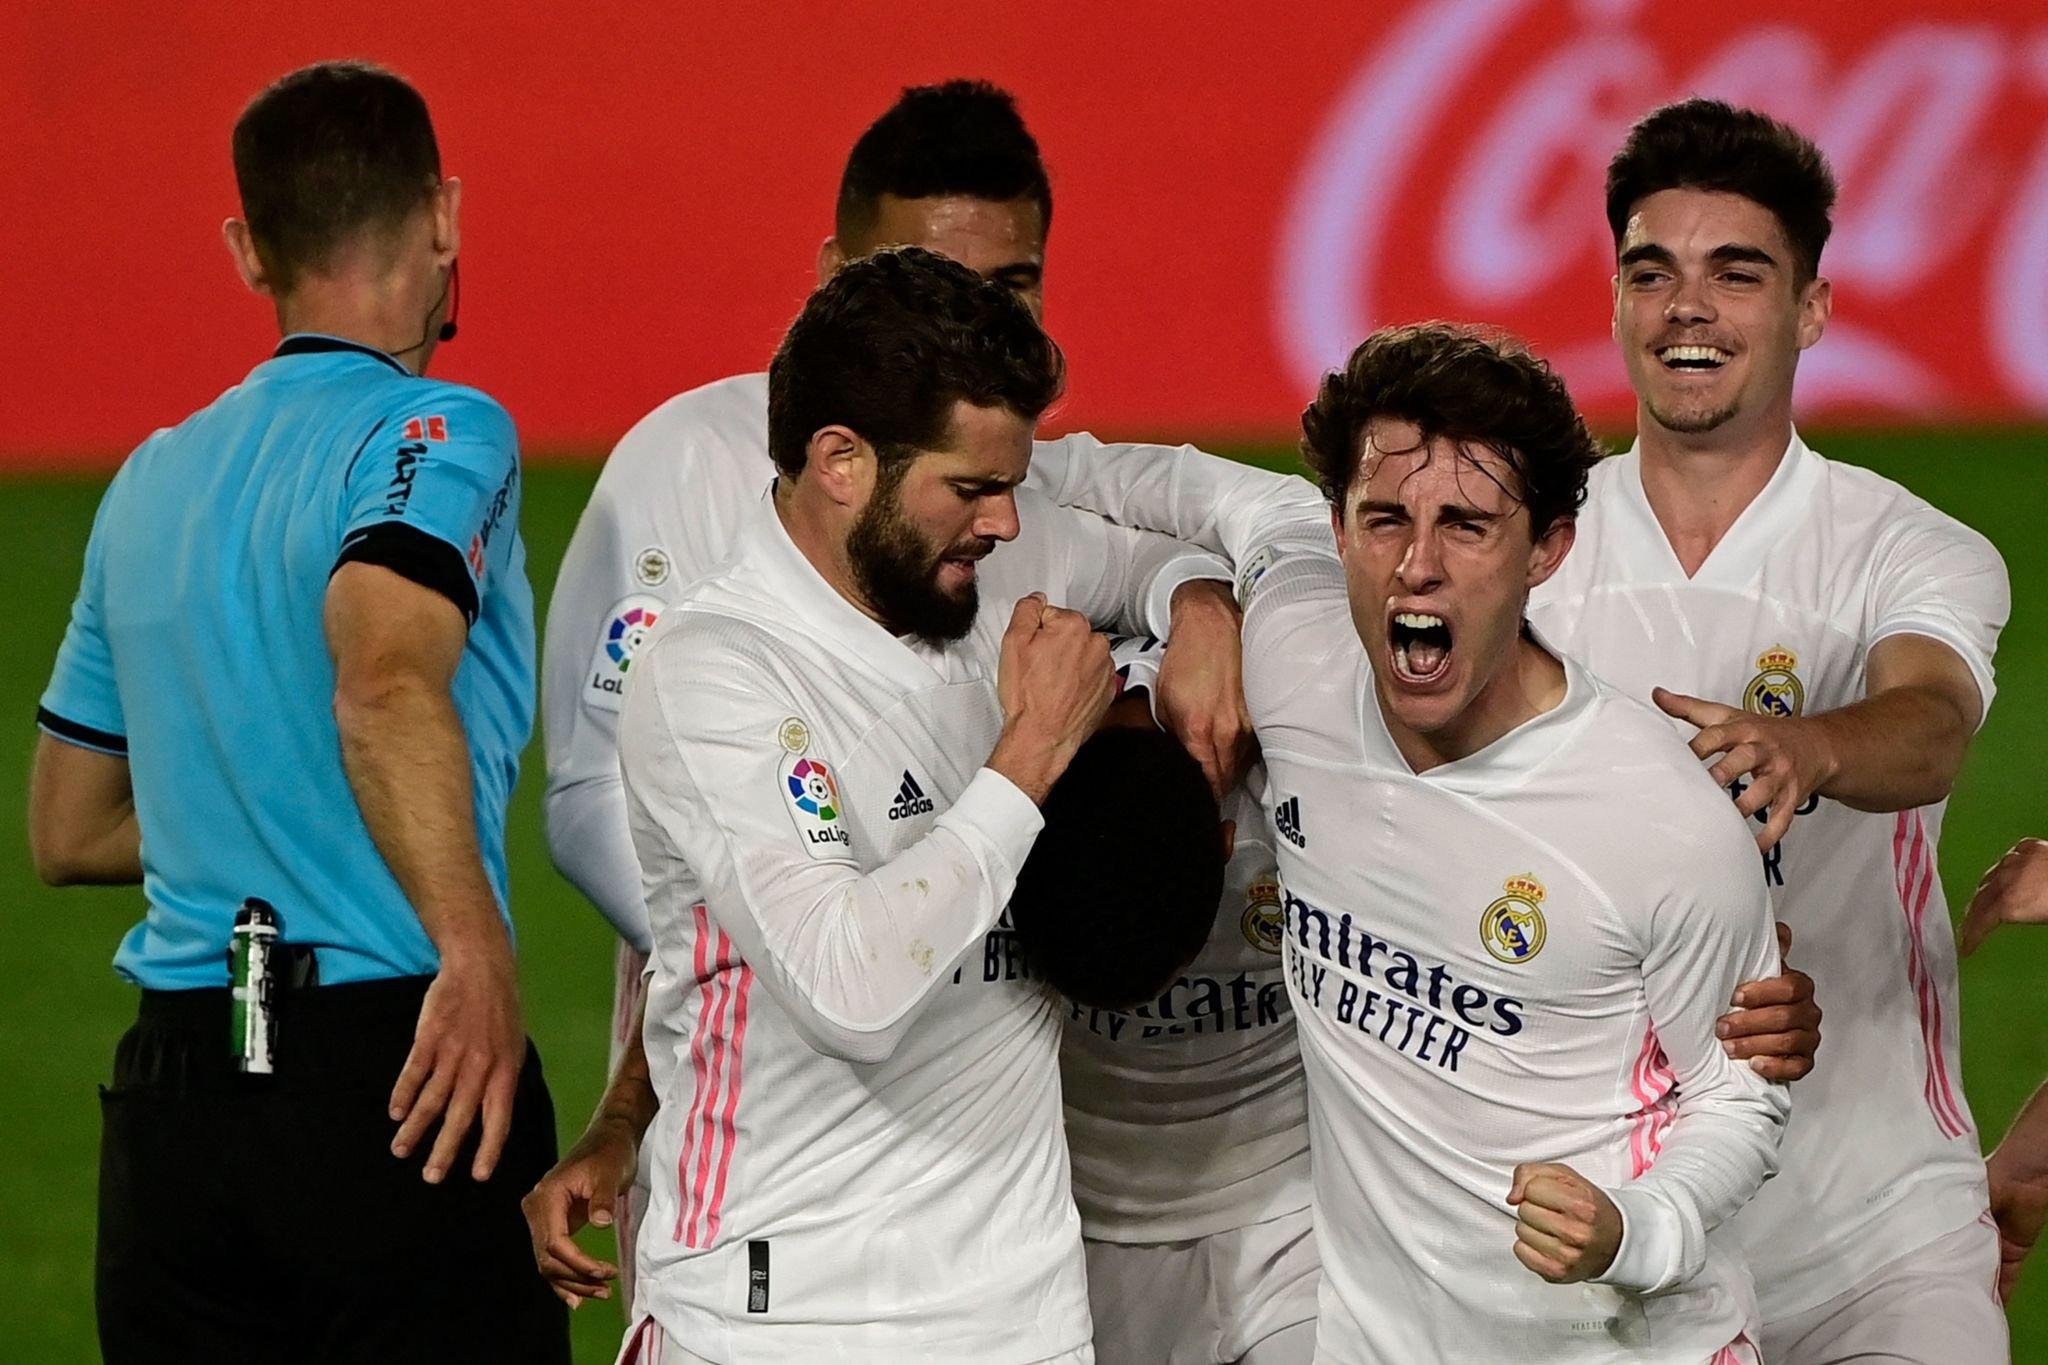 الدوري الإسباني، الليجا، ريال مدريد، أتلتيكو مدريد، برشلونة